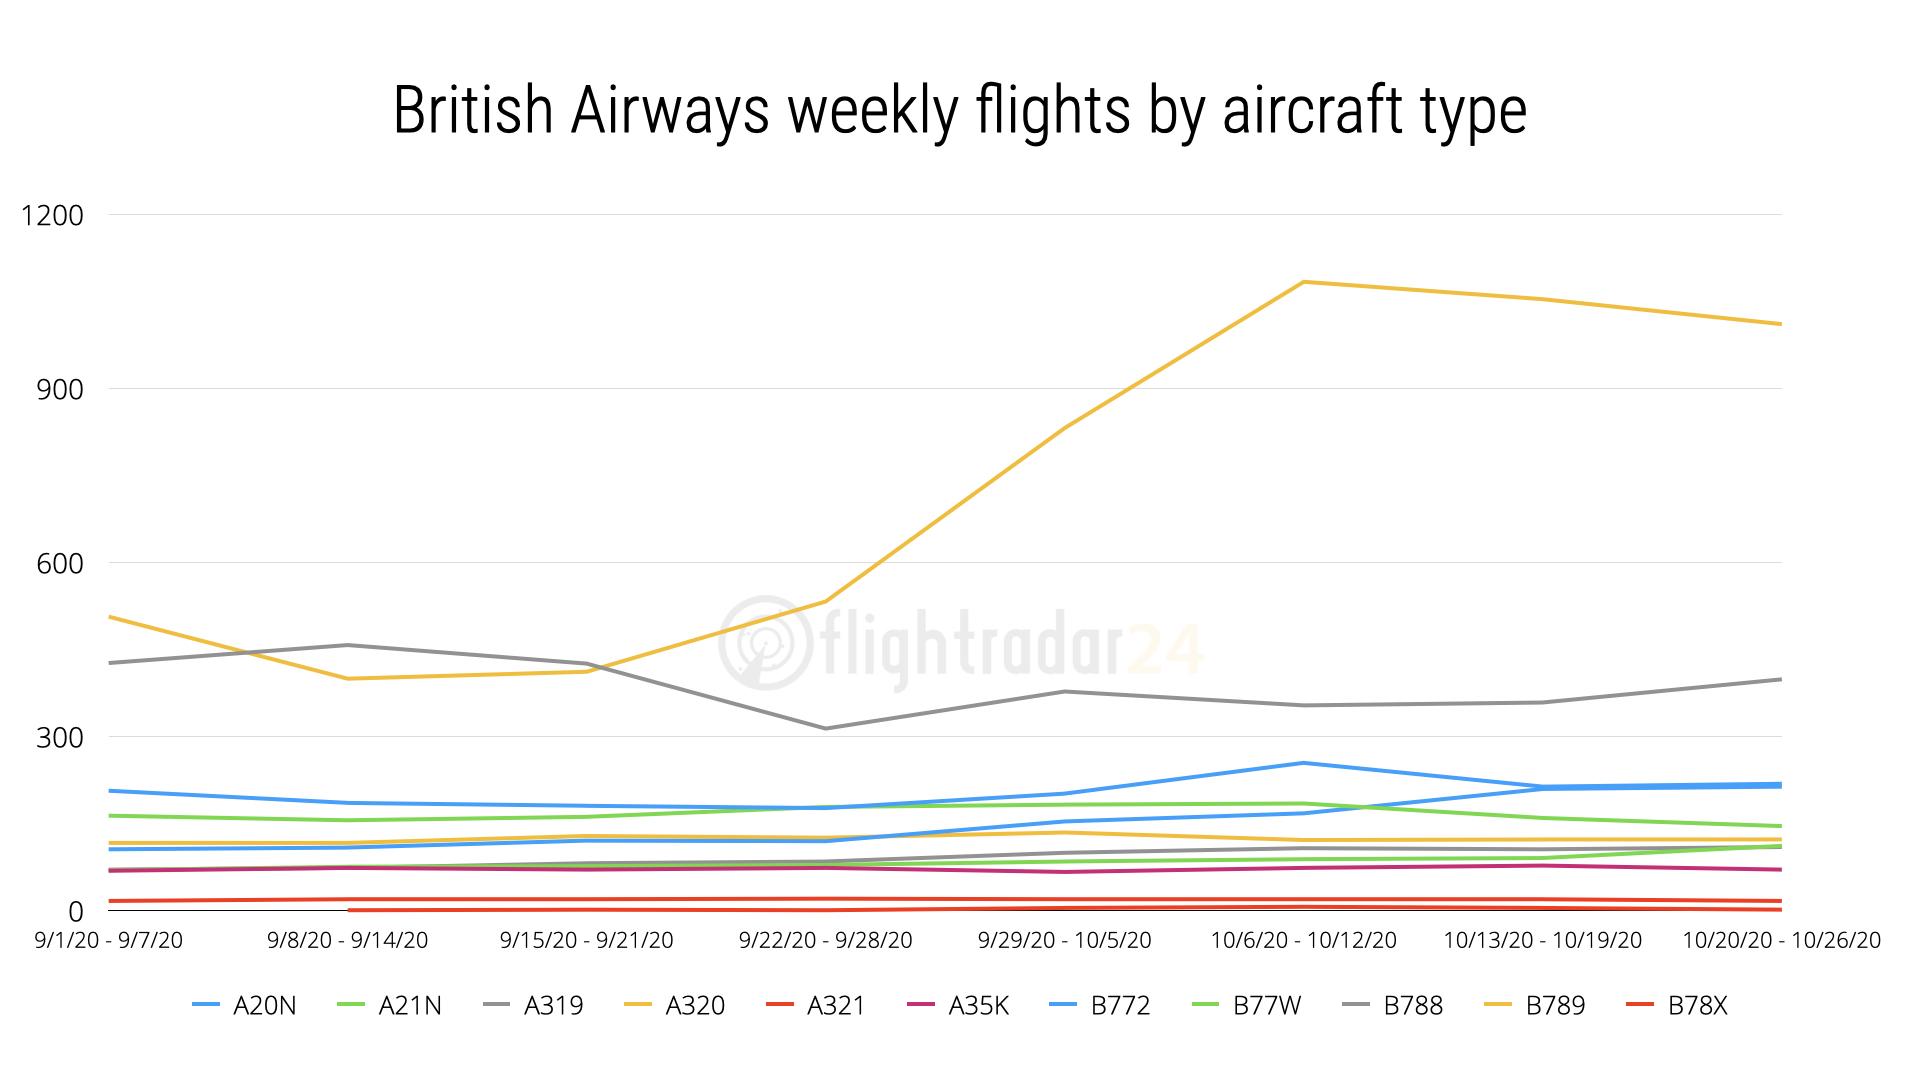 British Airways flights by aircraft type